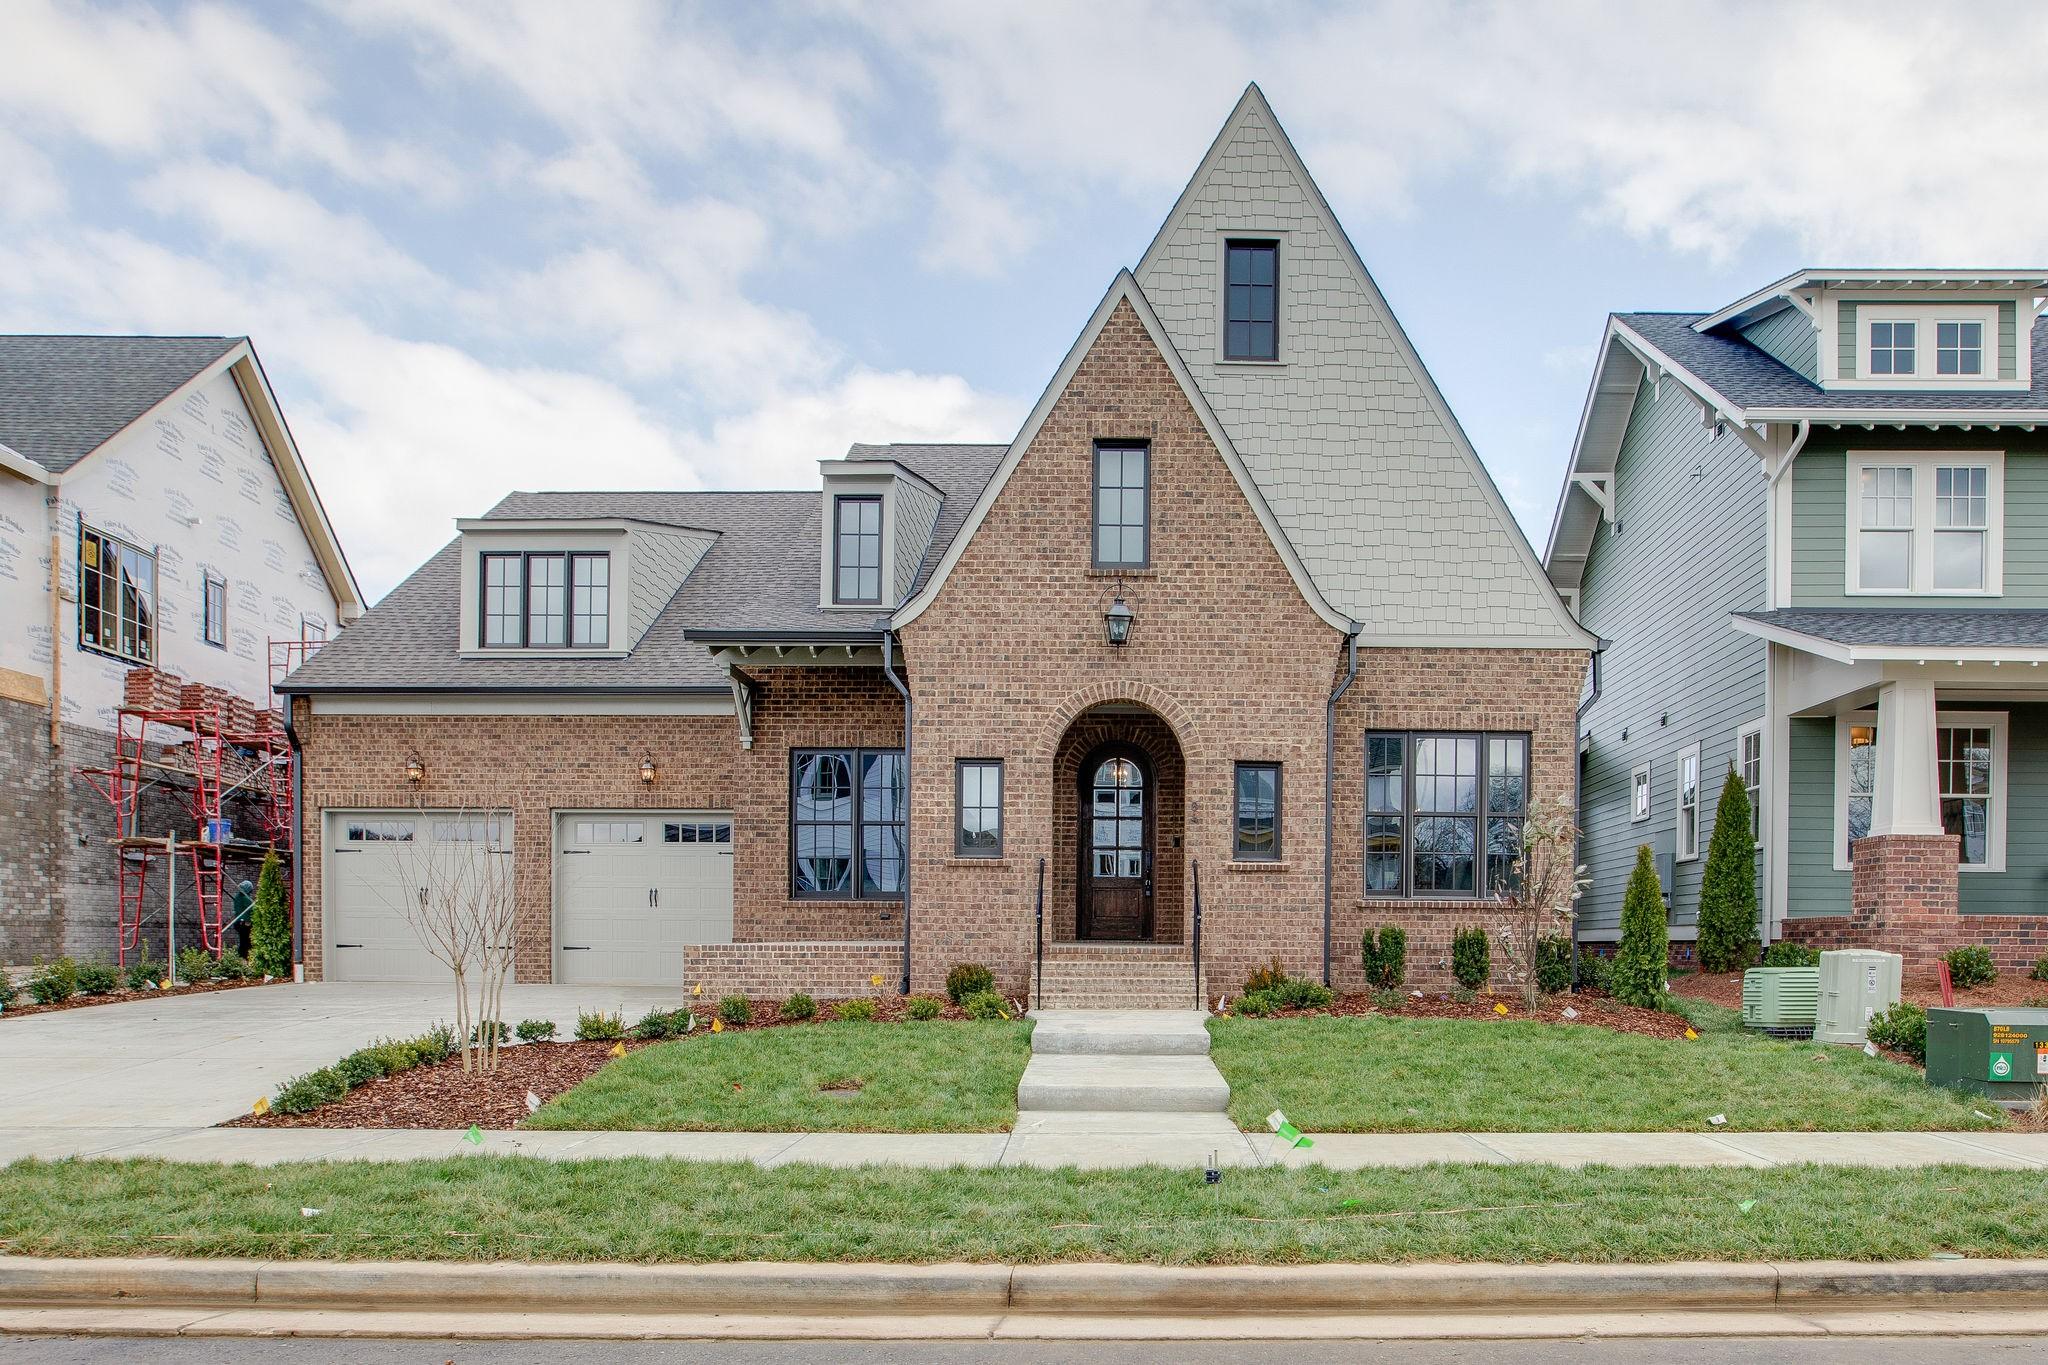 84 Glenrock Dr-Lot 202, Nashville, TN 37221 - Nashville, TN real estate listing